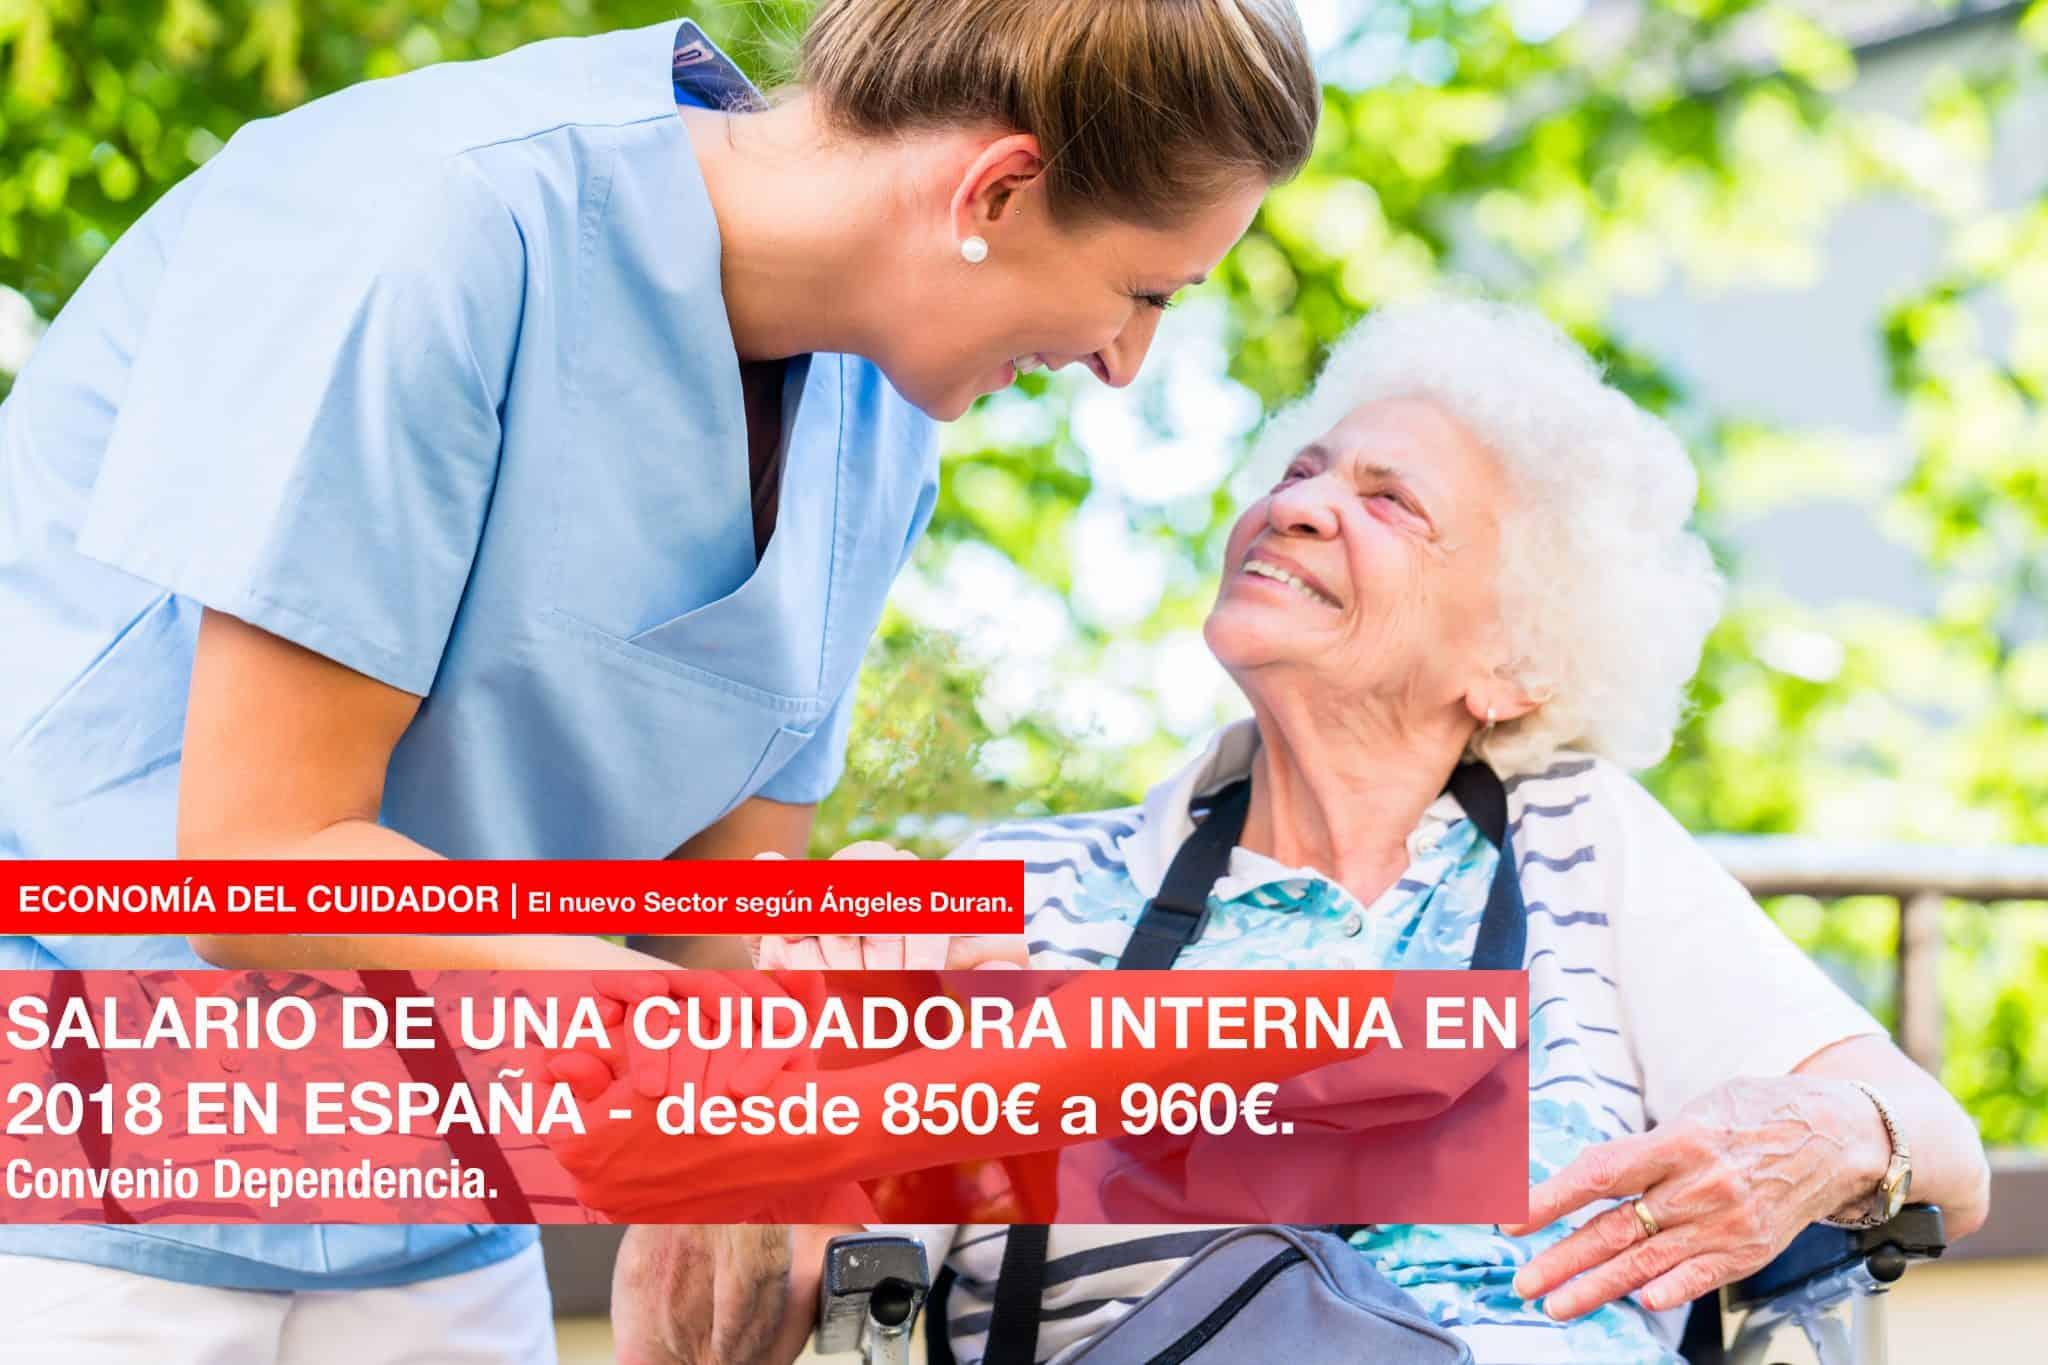 salario de una cuidadora interna en 2018